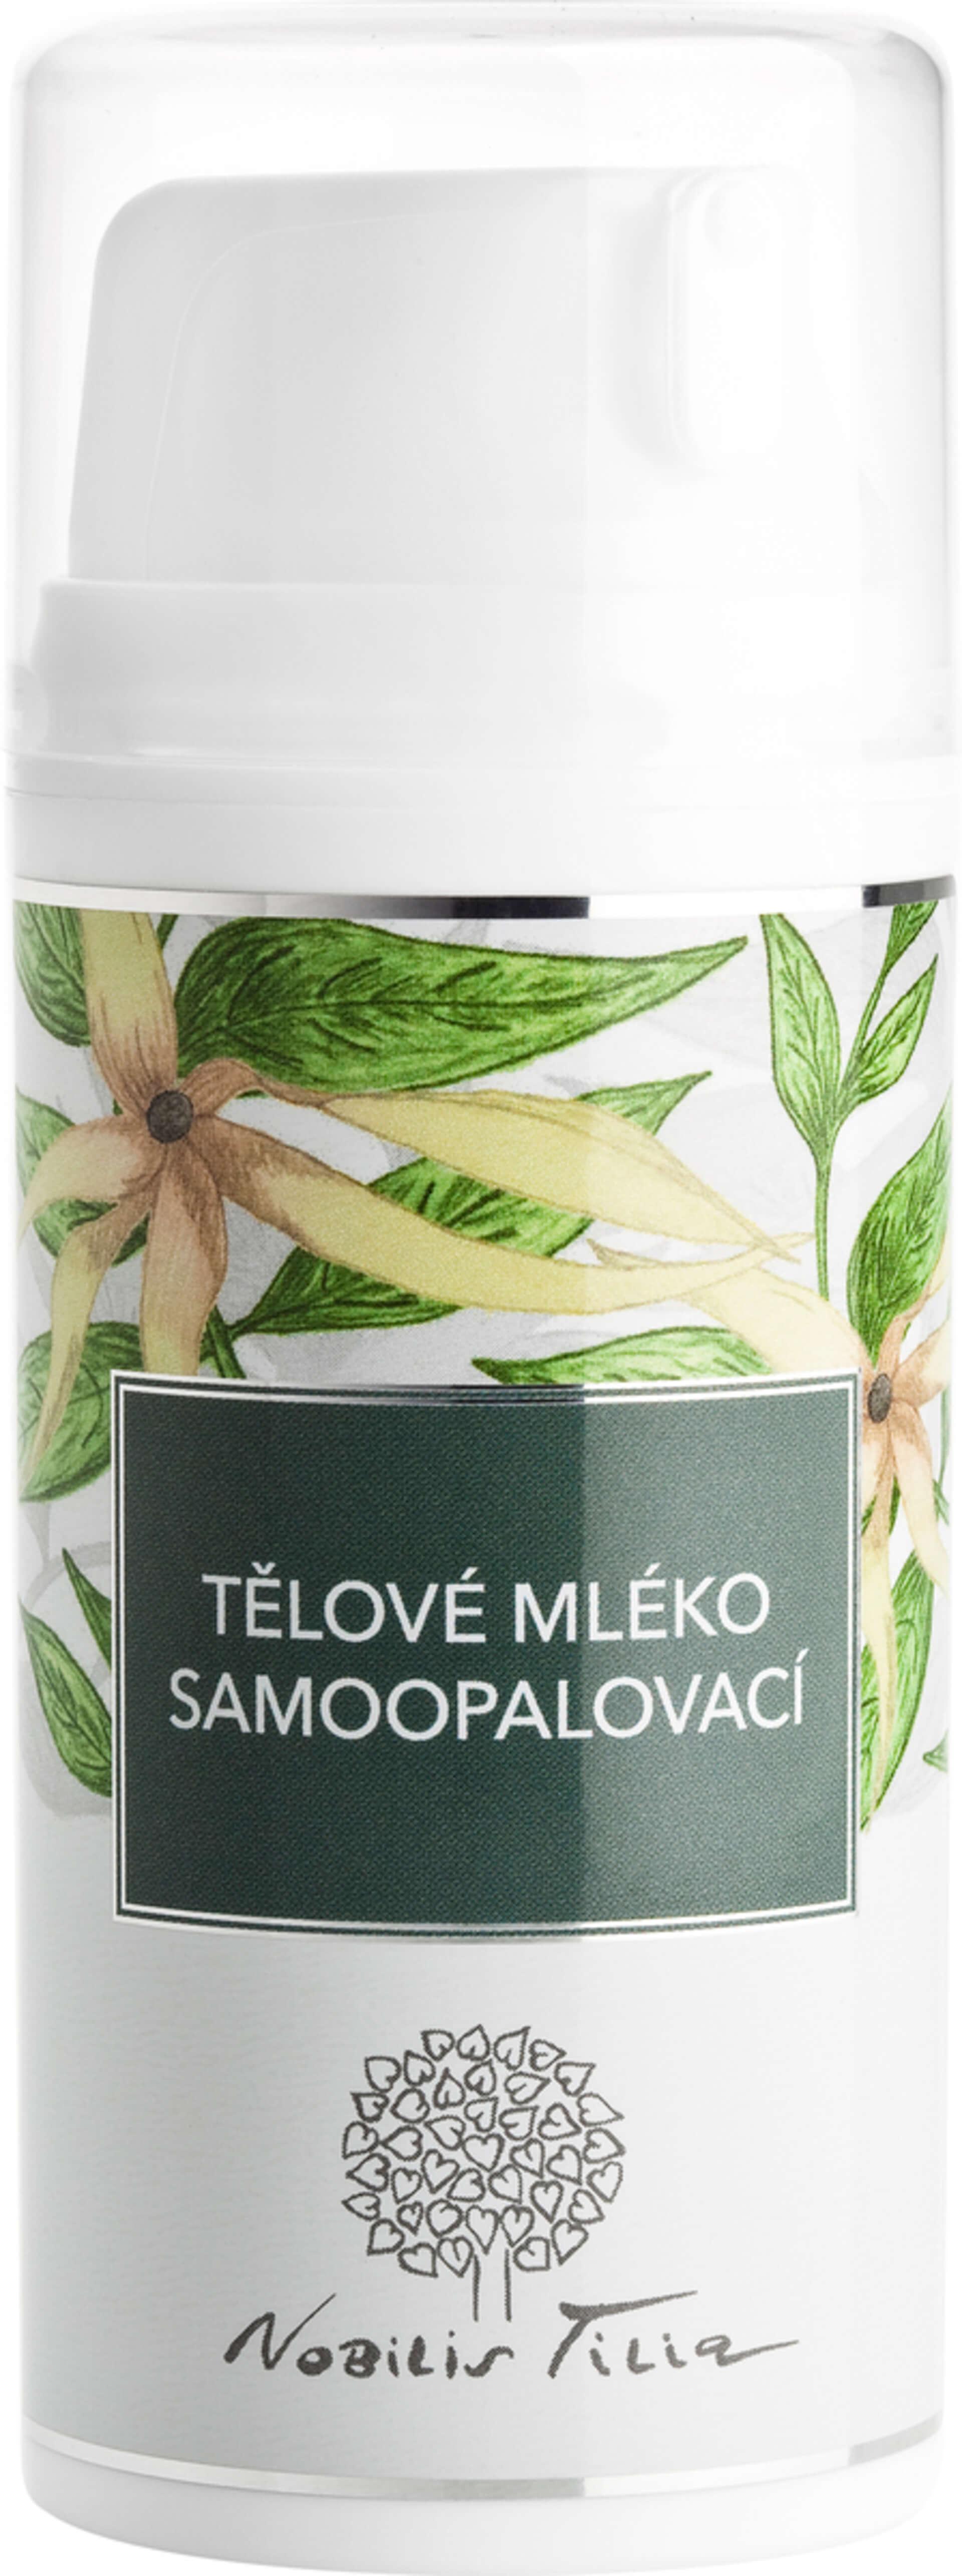 Nobilis Tilia Telové mlieko samoopaľovacie 100 ml